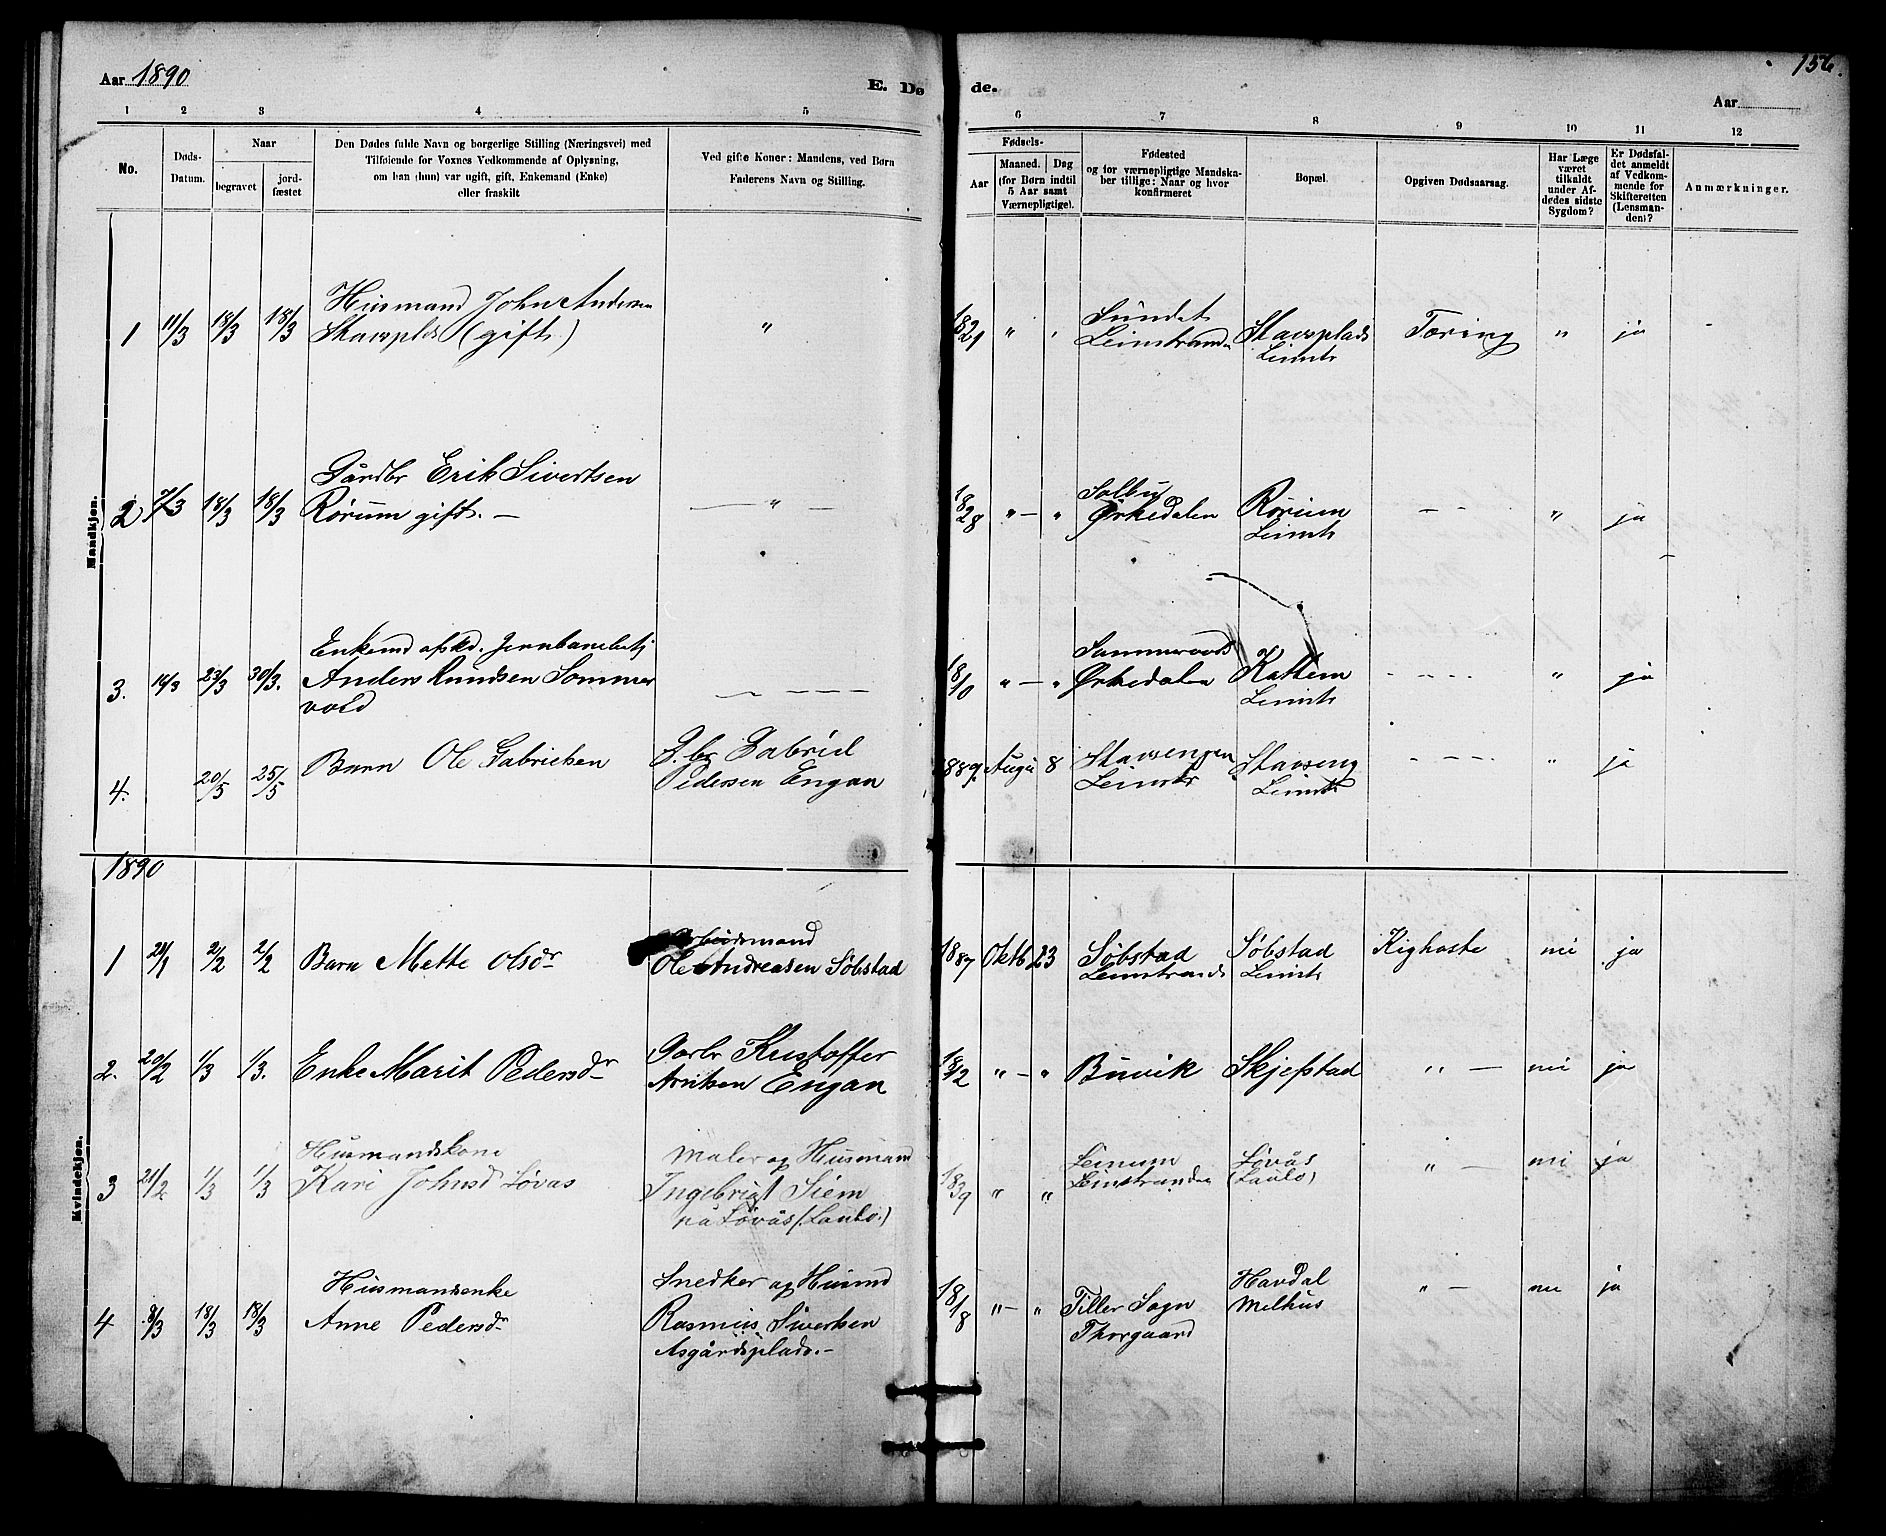 SAT, Ministerialprotokoller, klokkerbøker og fødselsregistre - Sør-Trøndelag, 613/L0395: Klokkerbok nr. 613C03, 1887-1909, s. 156